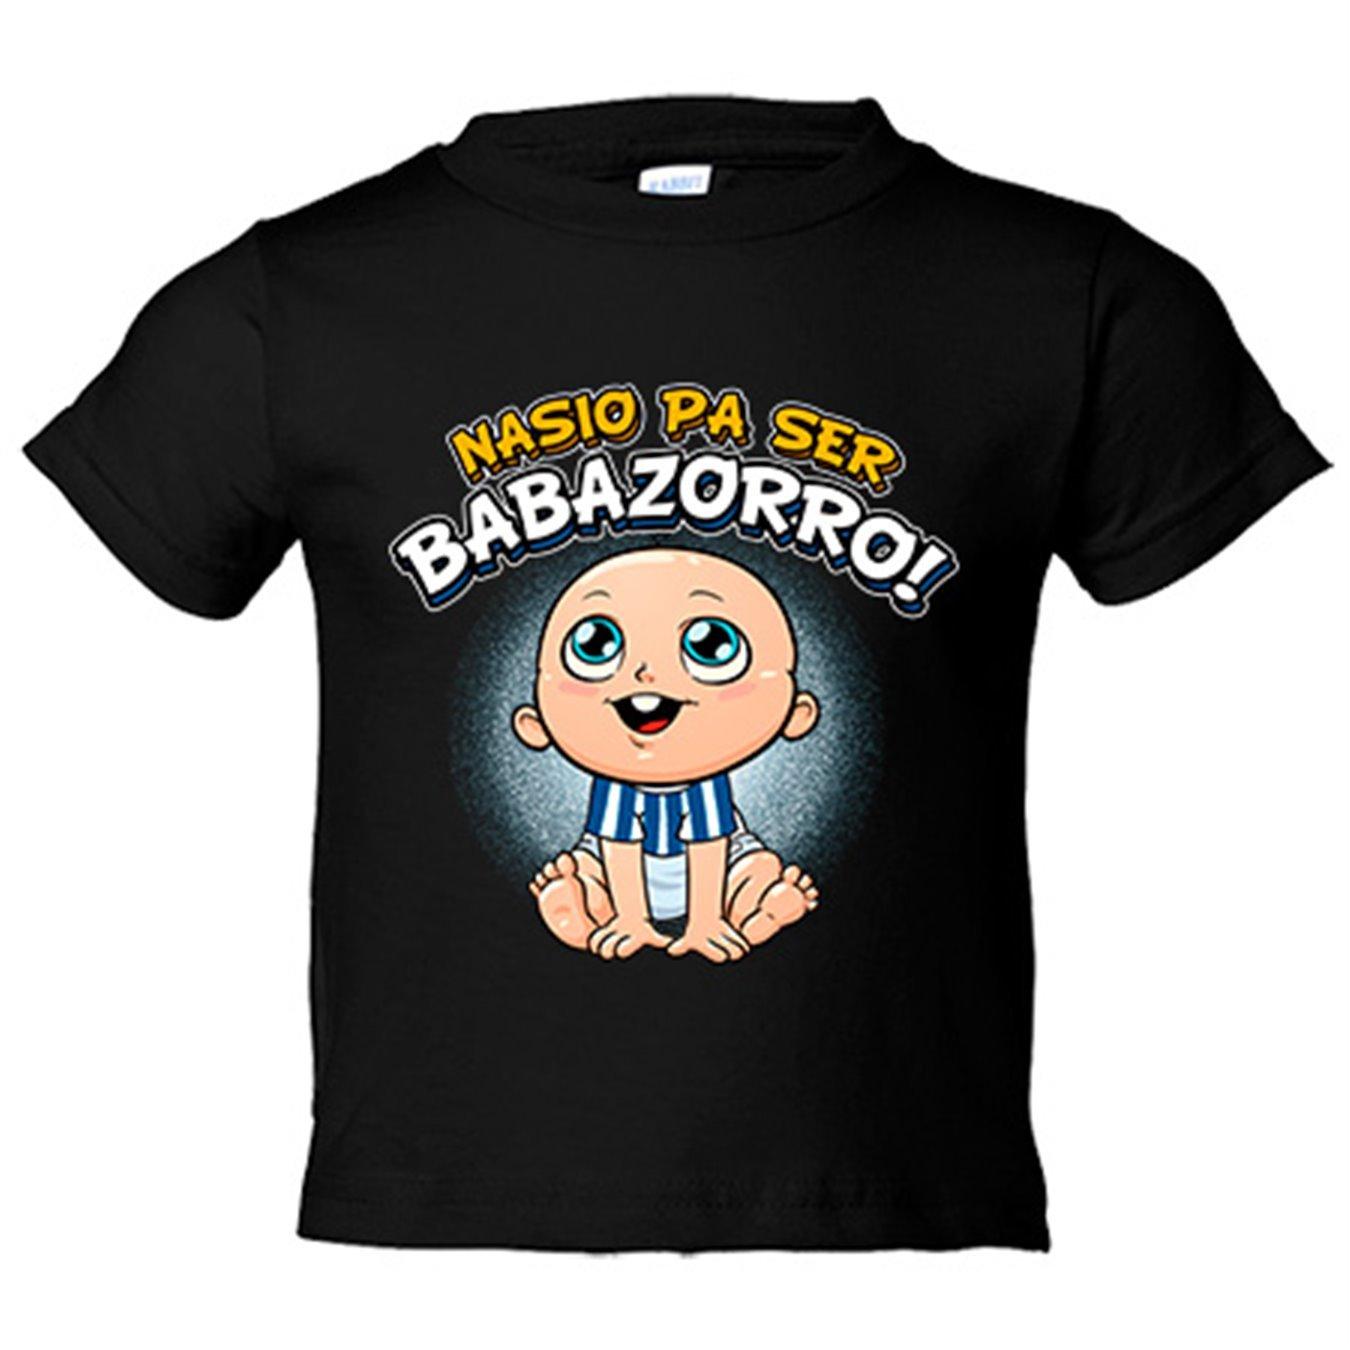 Camiseta niño nacido para ser Babazorro Alavés fútbol - Azul Royal, 3-4 años: Amazon.es: Bebé